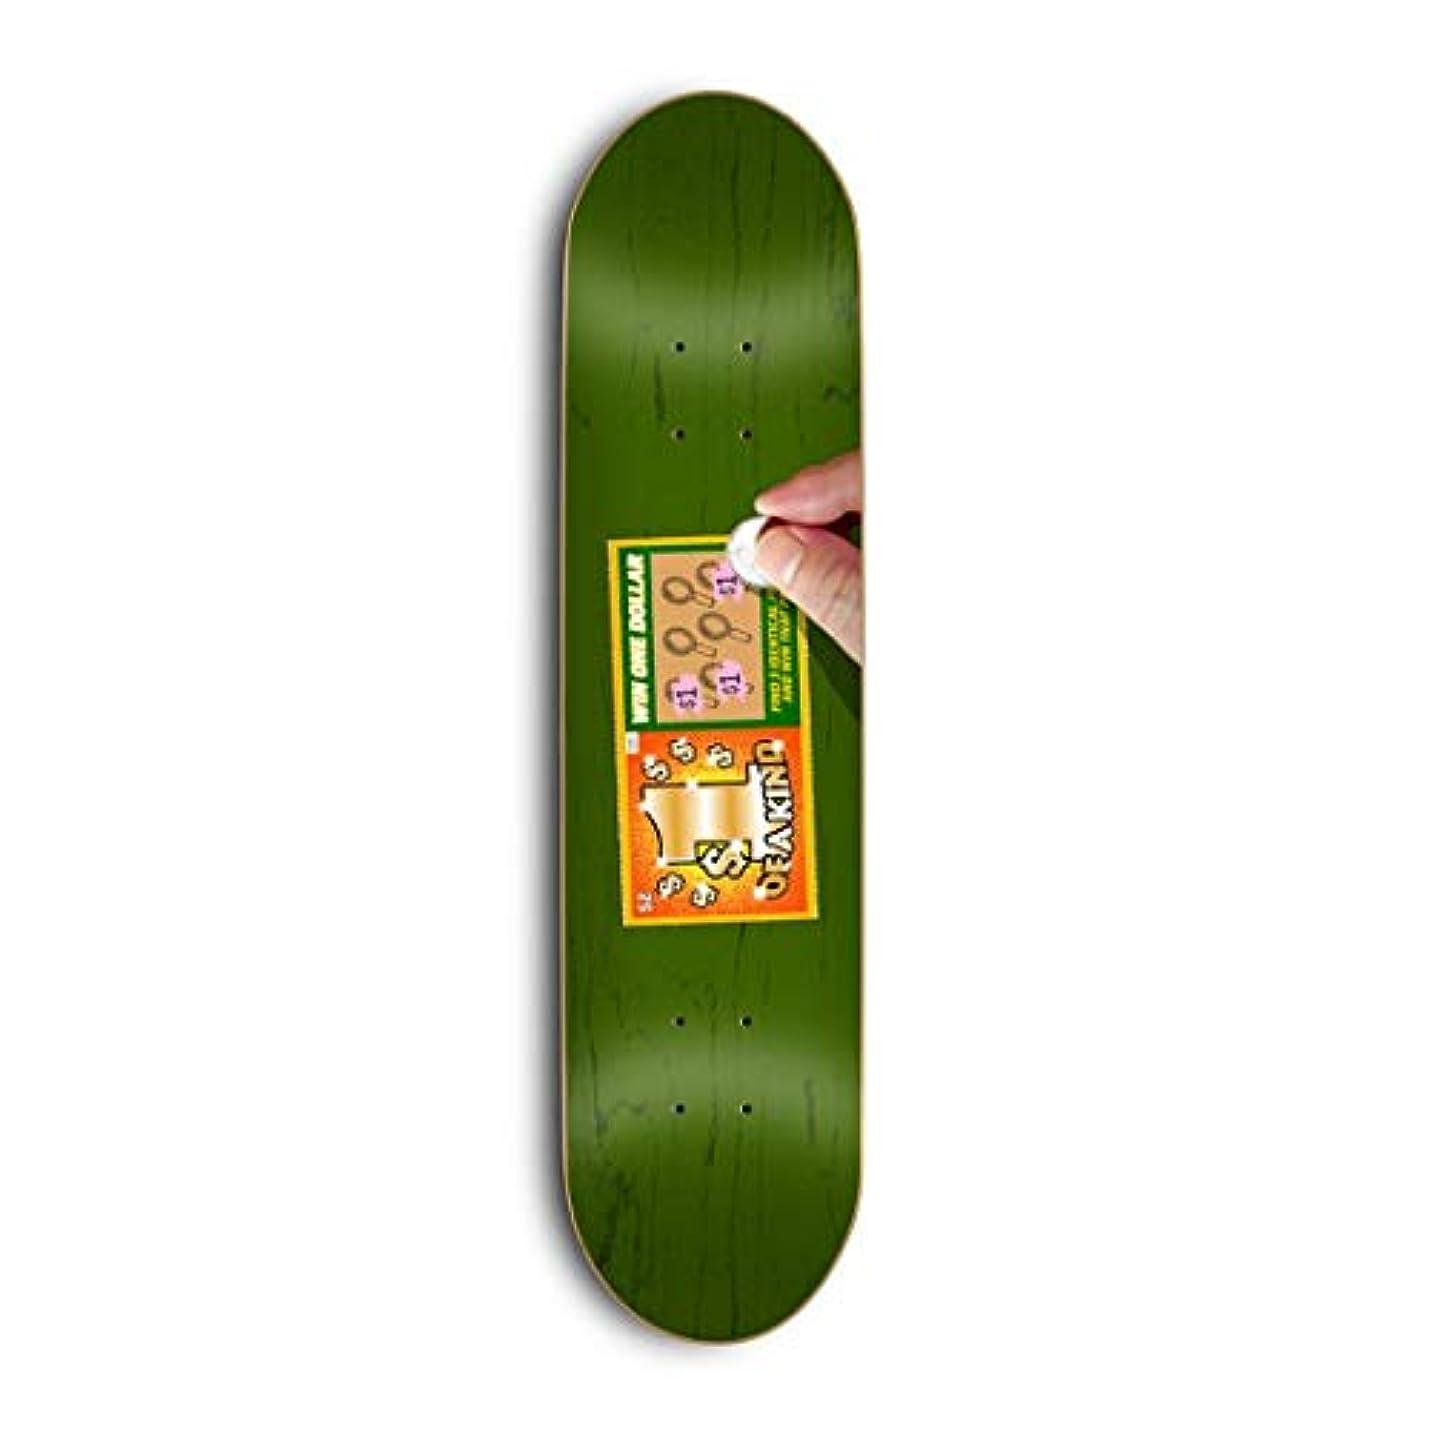 プロジェクター提案高めるSkate Mental スケートボードデッキ Kleppan Scratcher 8.375インチ